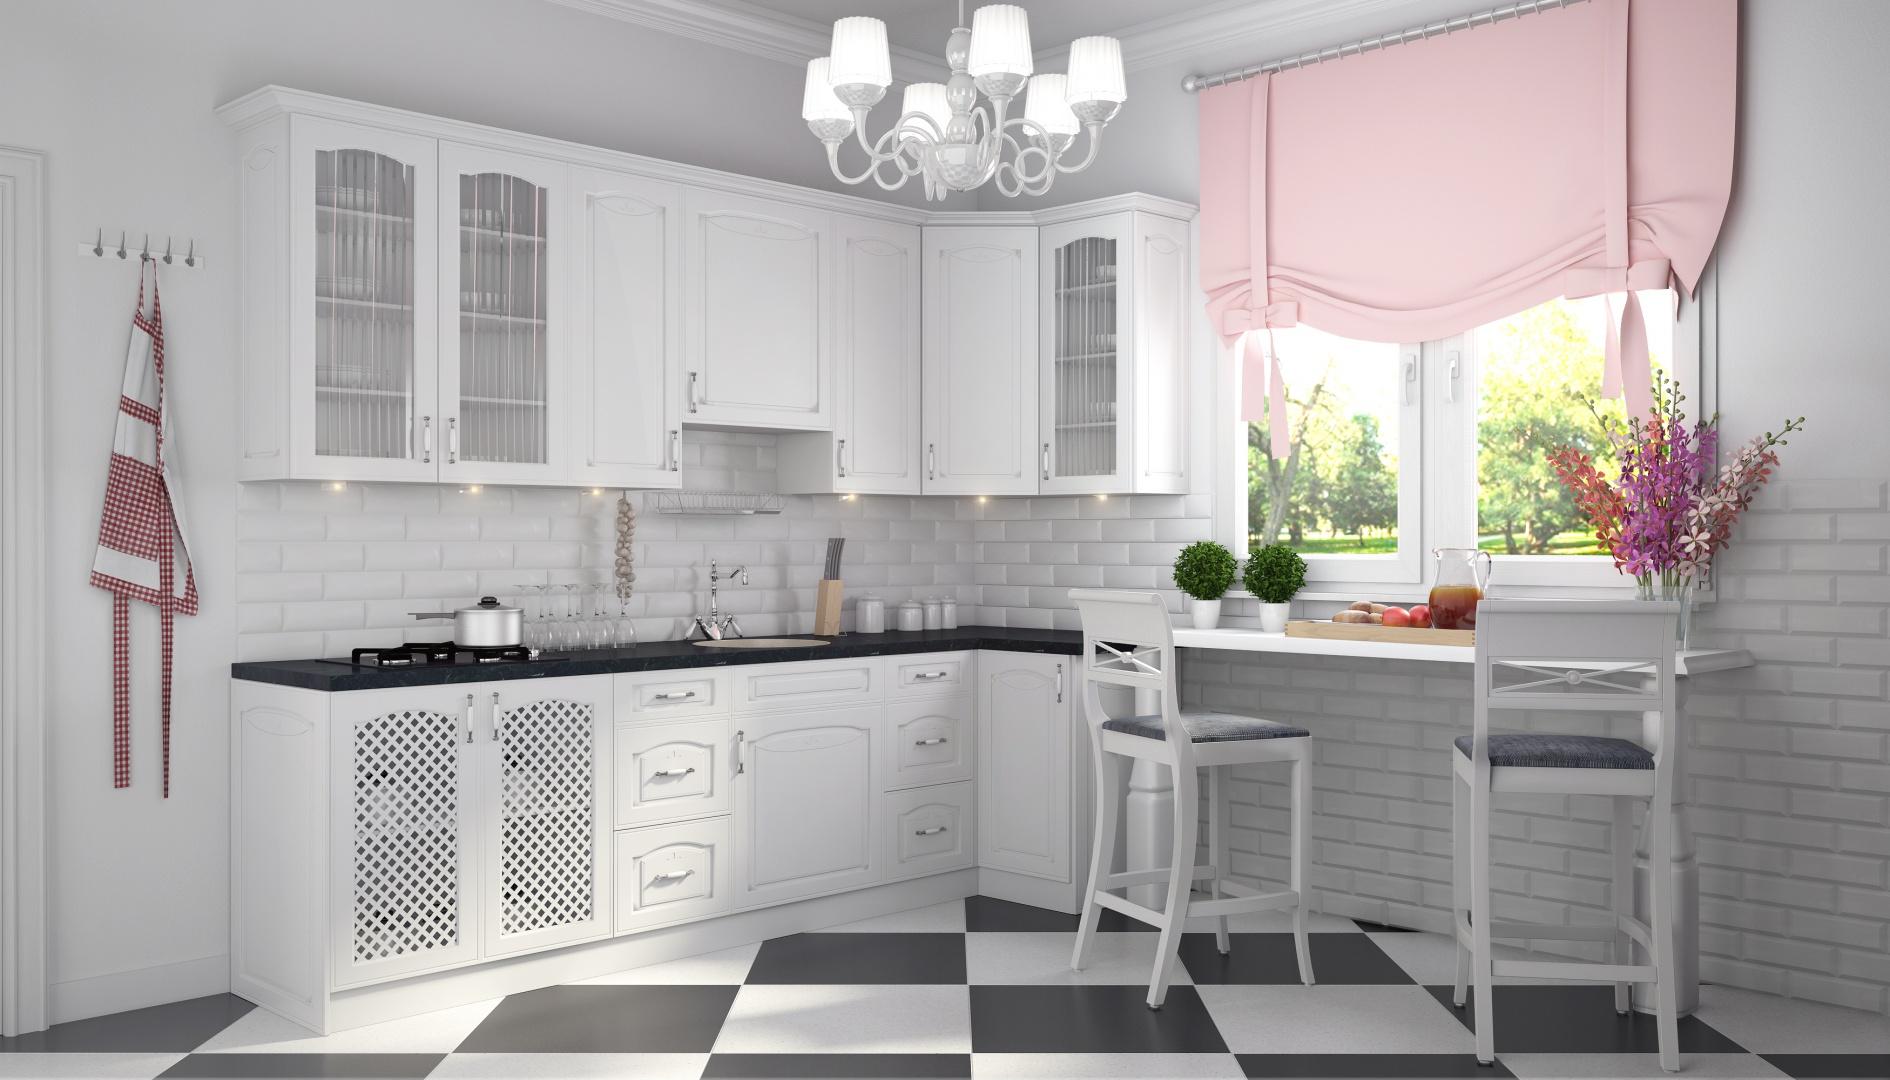 Białe fronty szafek z Biała klasyczna kuchnia 5   -> Biala Kuchnia Elegancka